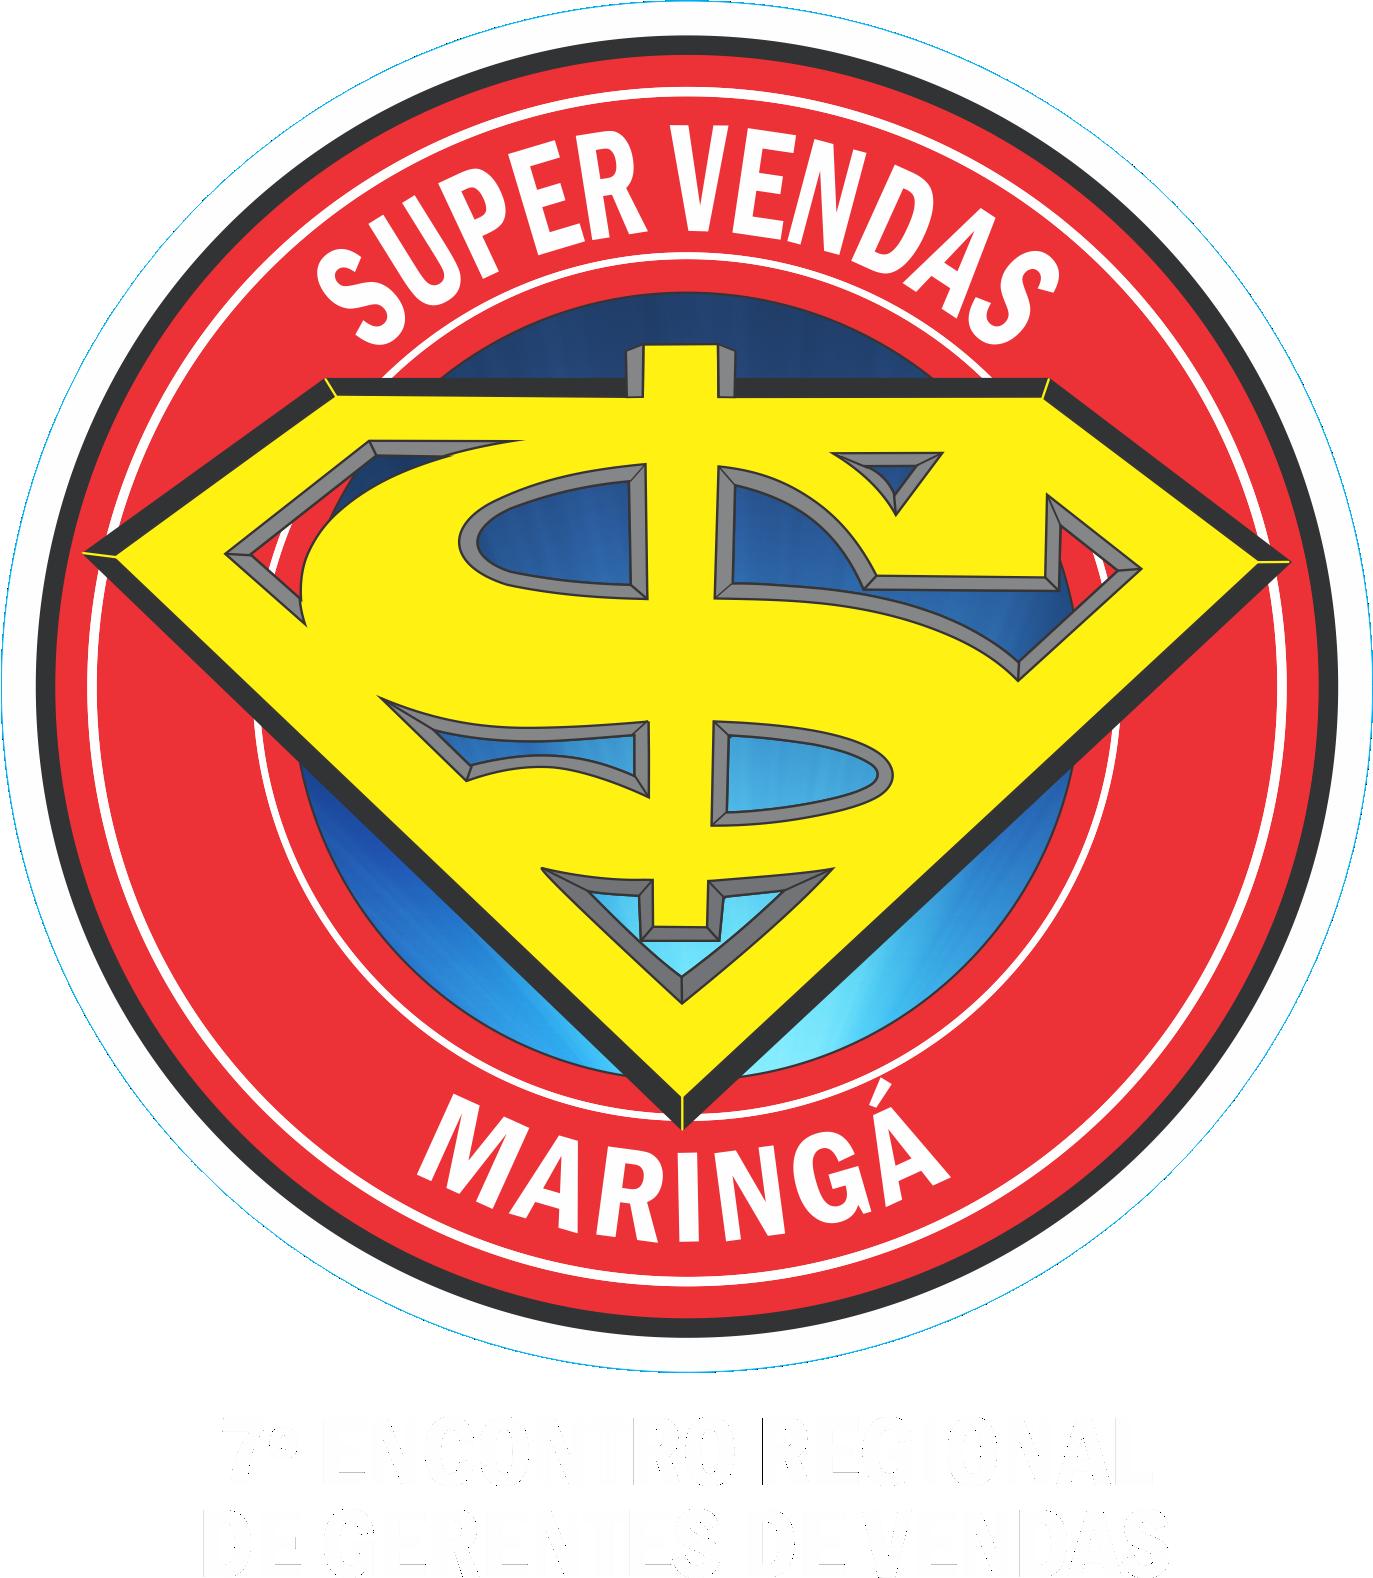 ENCONTRO REGIONAL DE GERENTES DE VENDAS